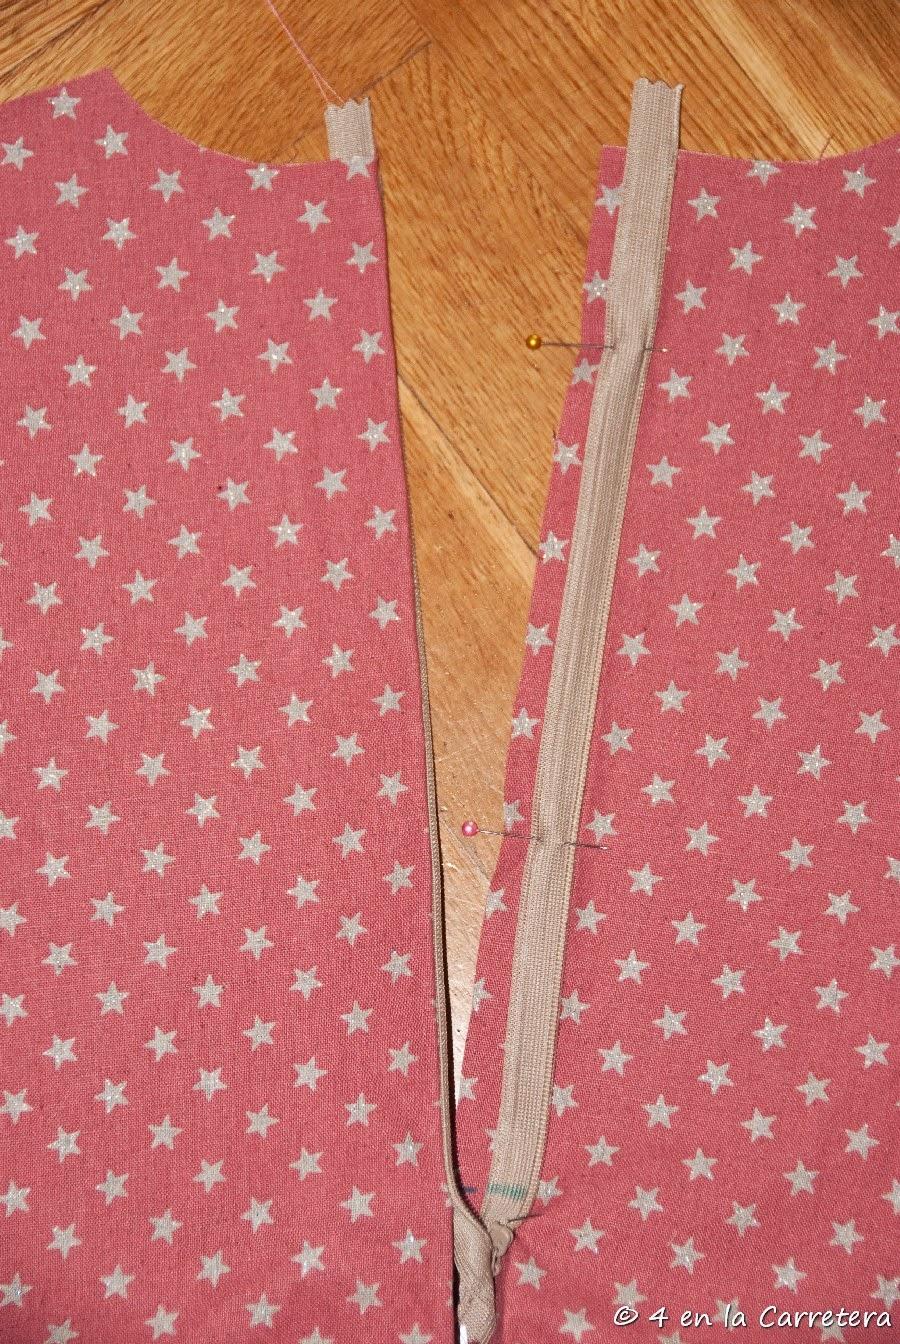 4 En La Carretera Handmade Tutorial Sewing An Invisible Zipper